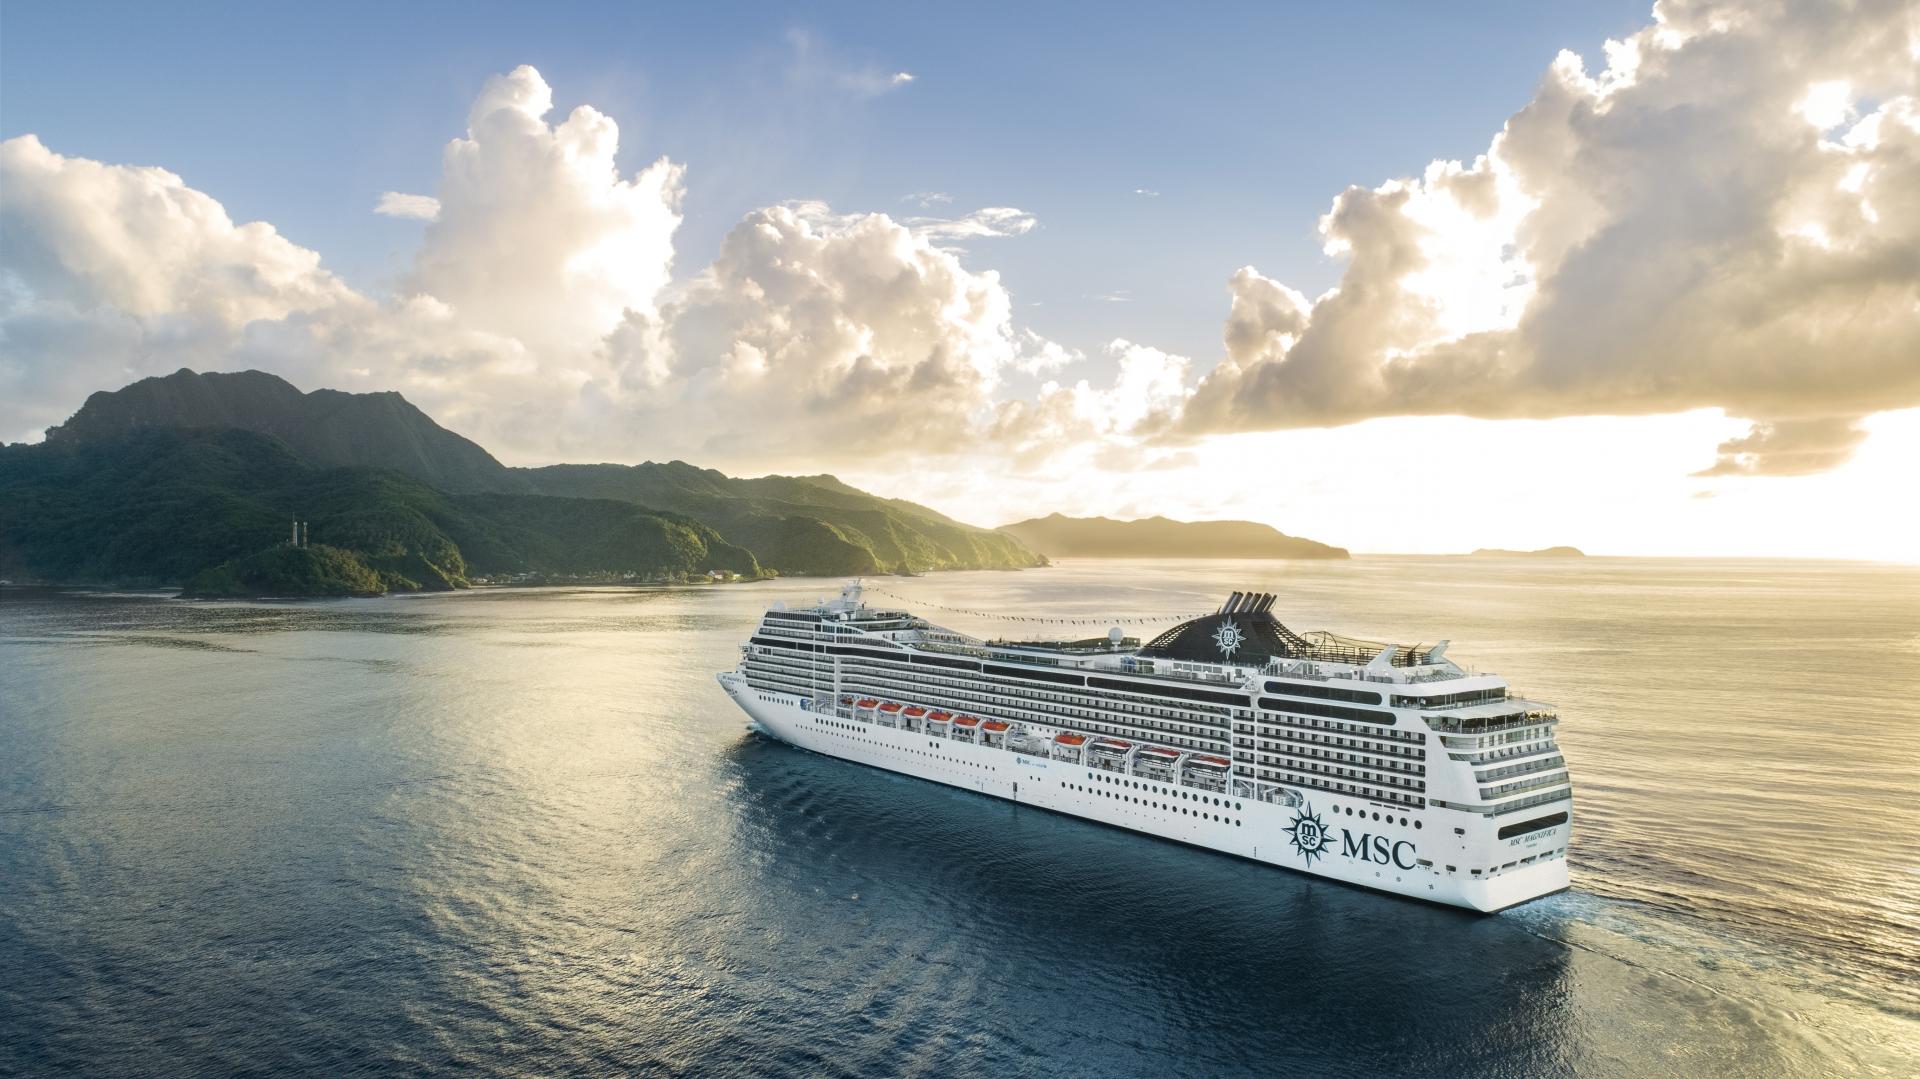 Schiffsreisenportal-Kreuzfahrten-Schiffsreisen-Weltreisen_MSC-Magnifica-MSC Cruises S.A.